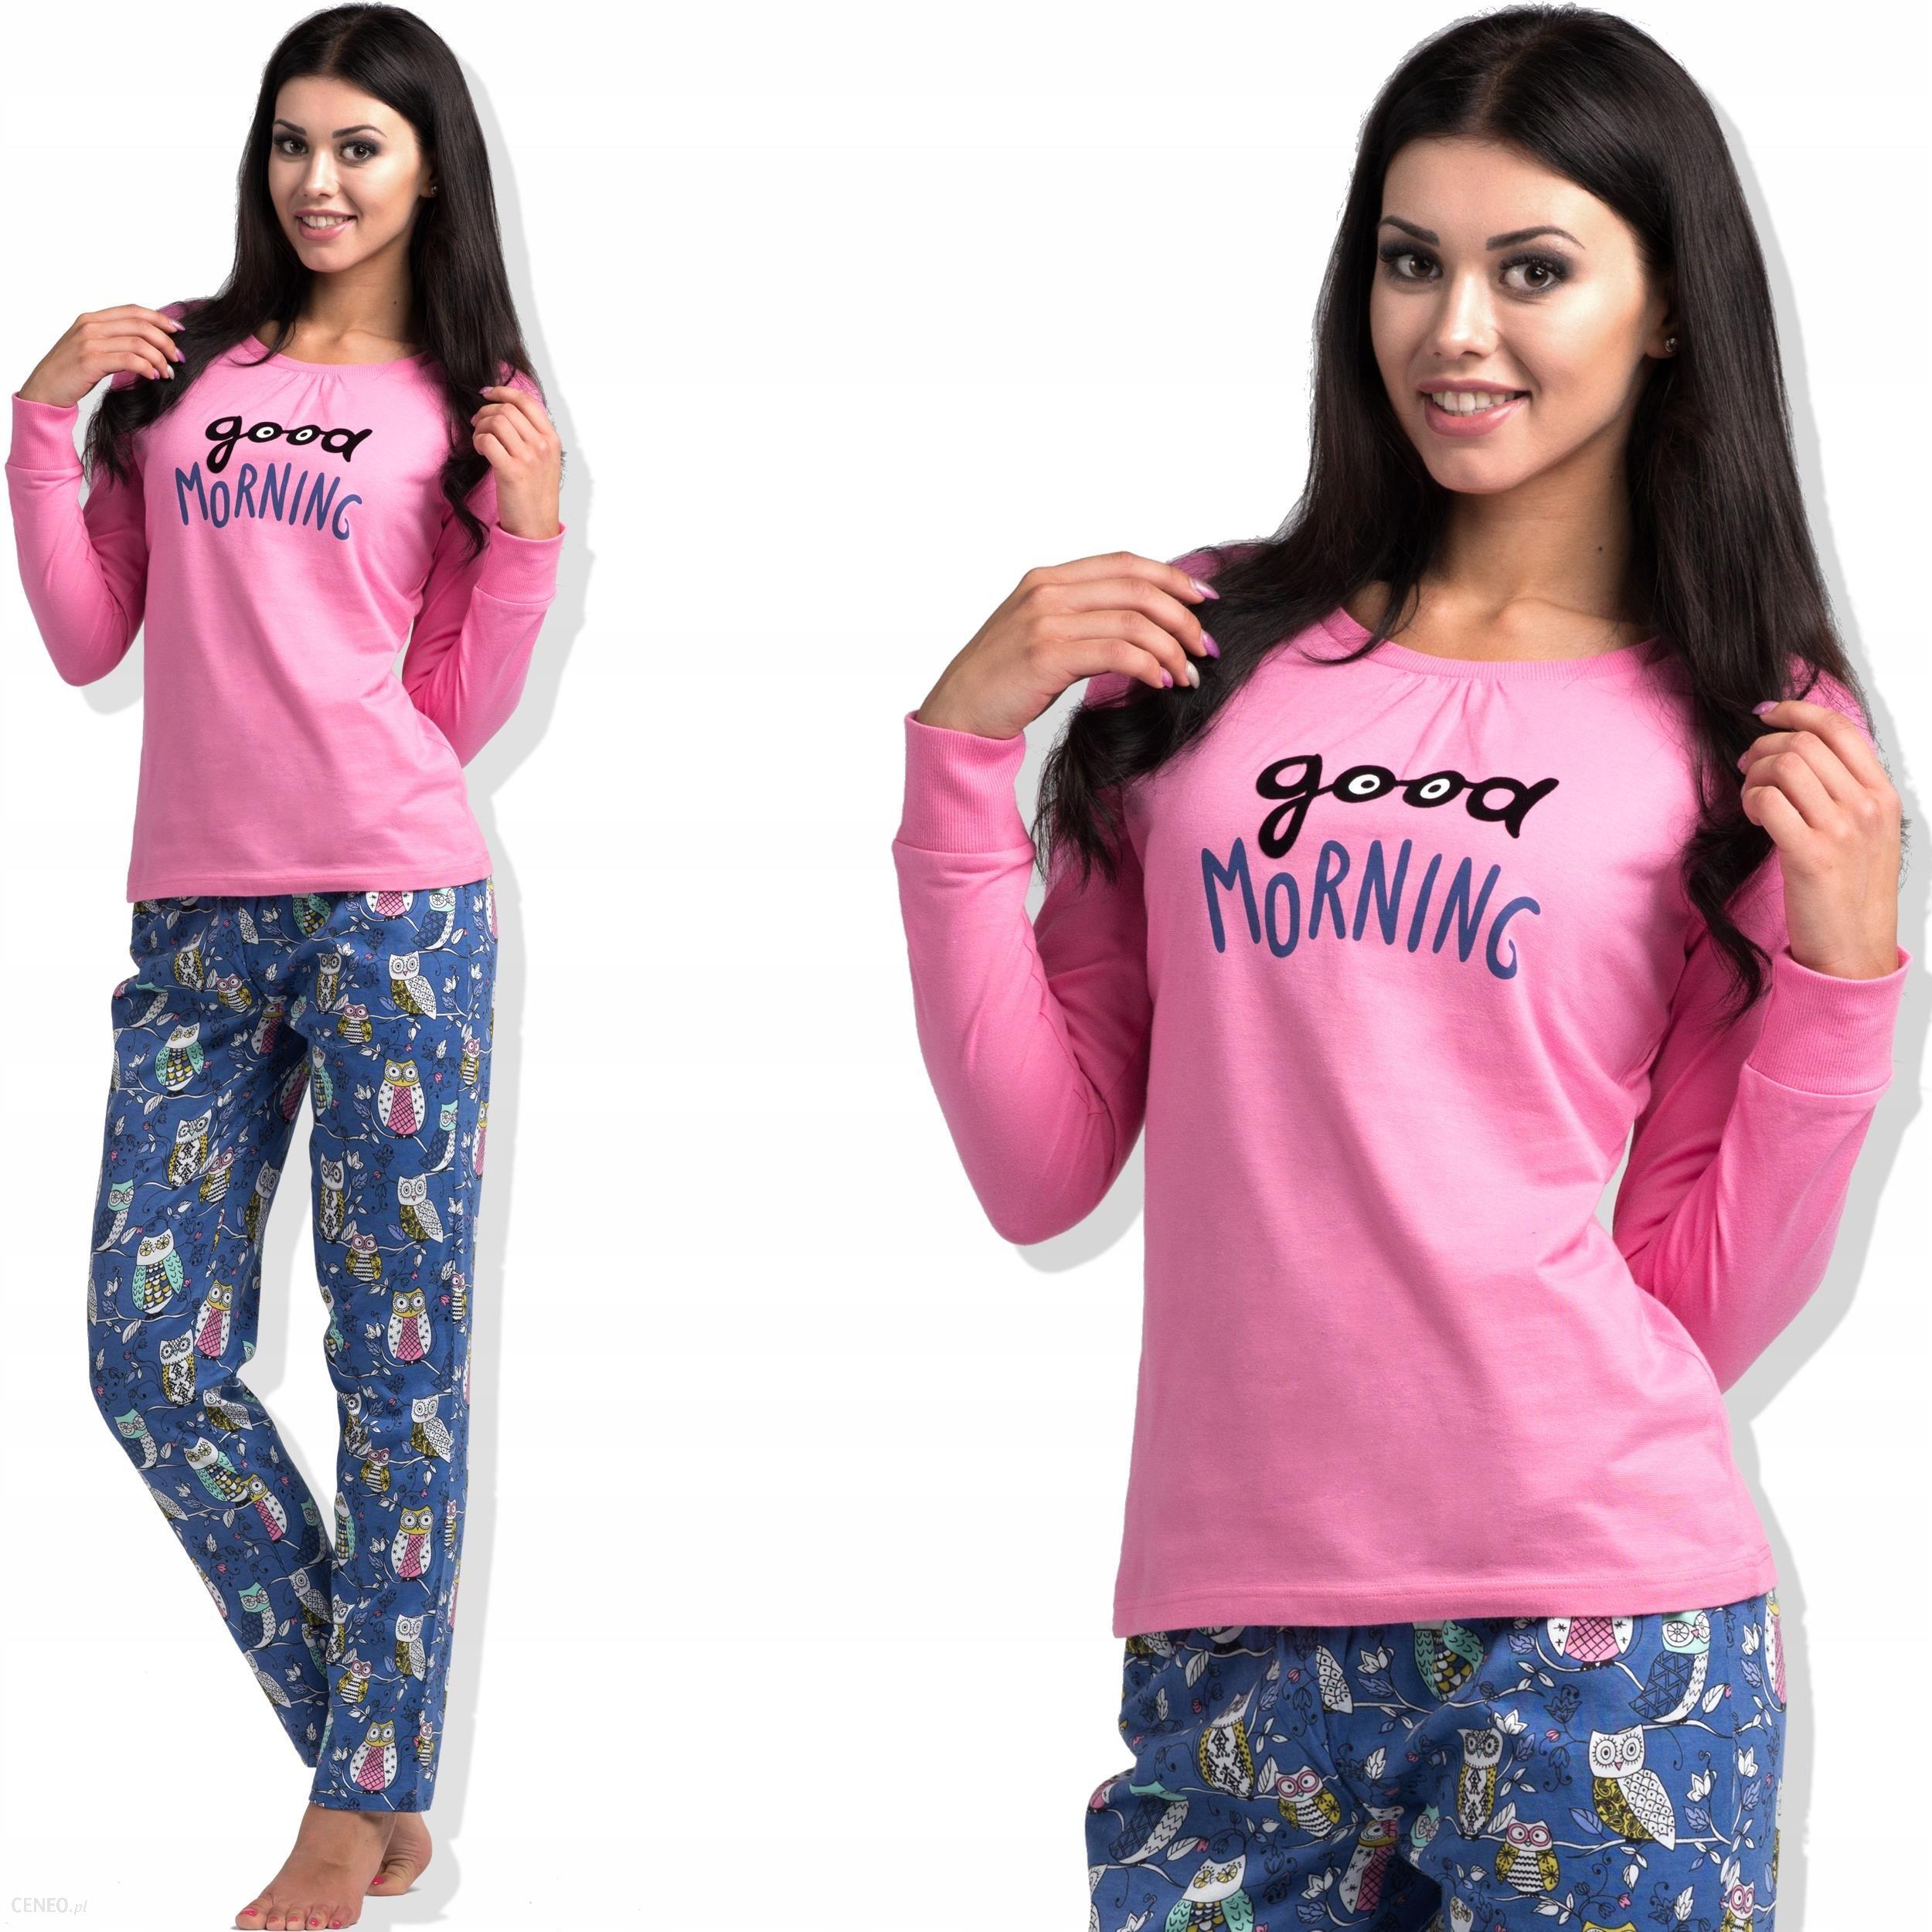 69eec2992aaaef ROSSLI piżama damska SAL PY 1019 dł dł różowa L - Ceny i opinie ...